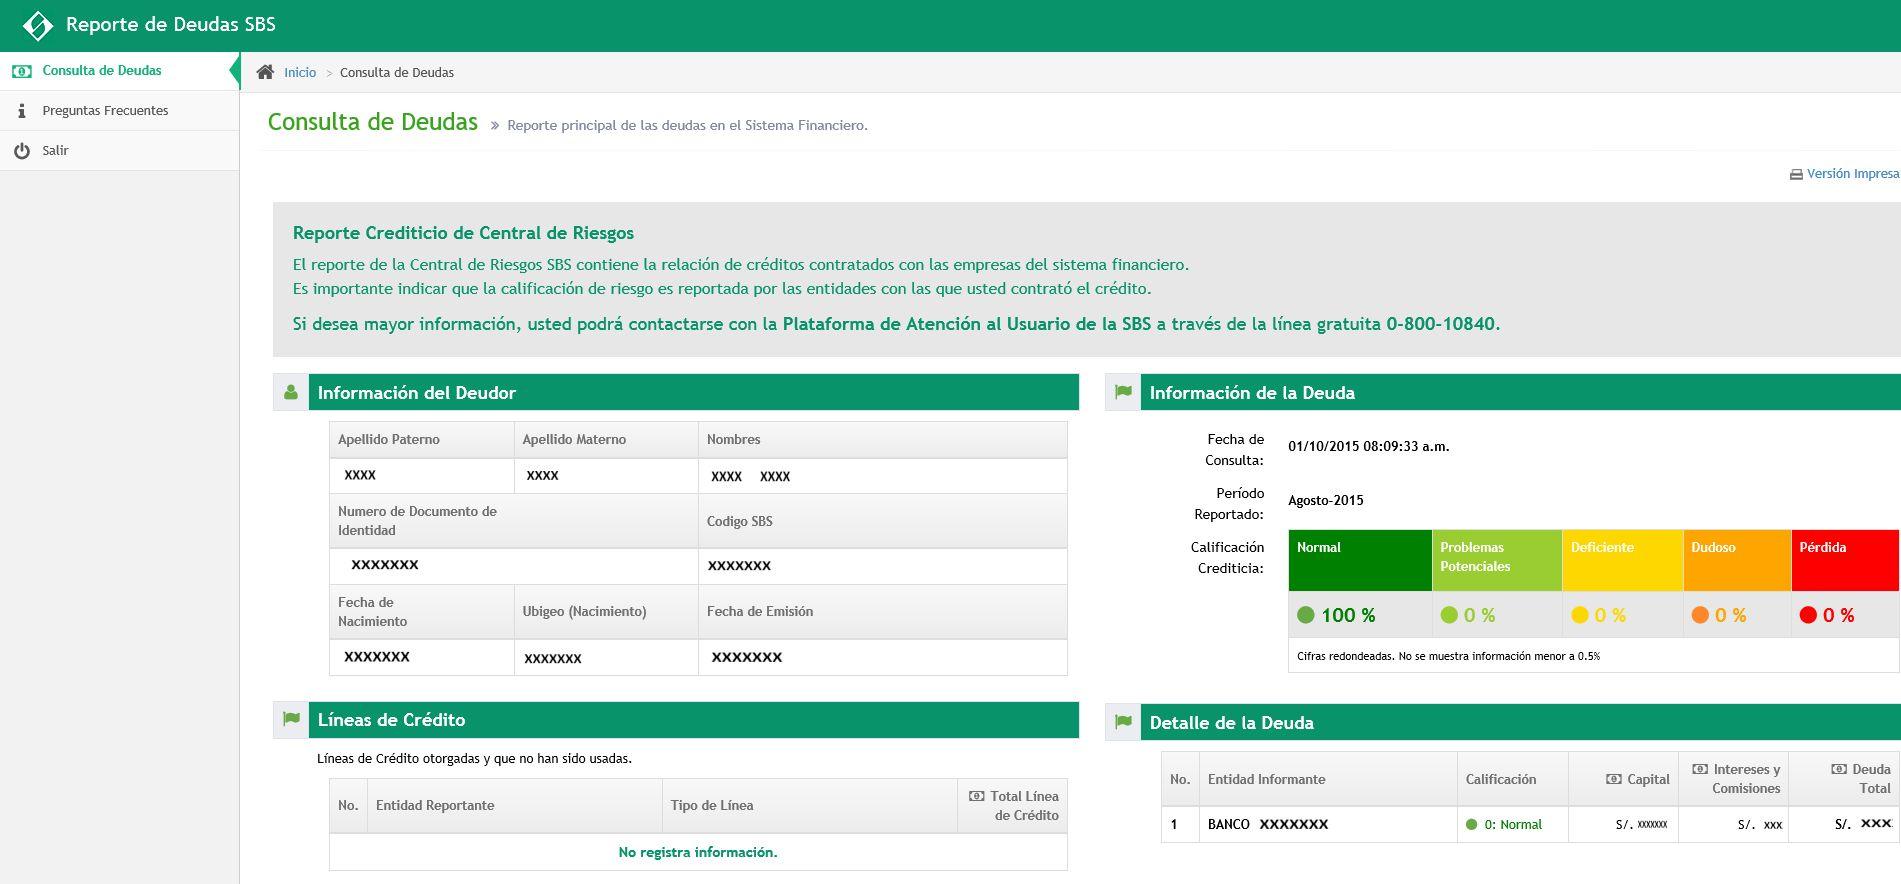 Conoce si registras alguna deuda en el sistema financiero con este app web